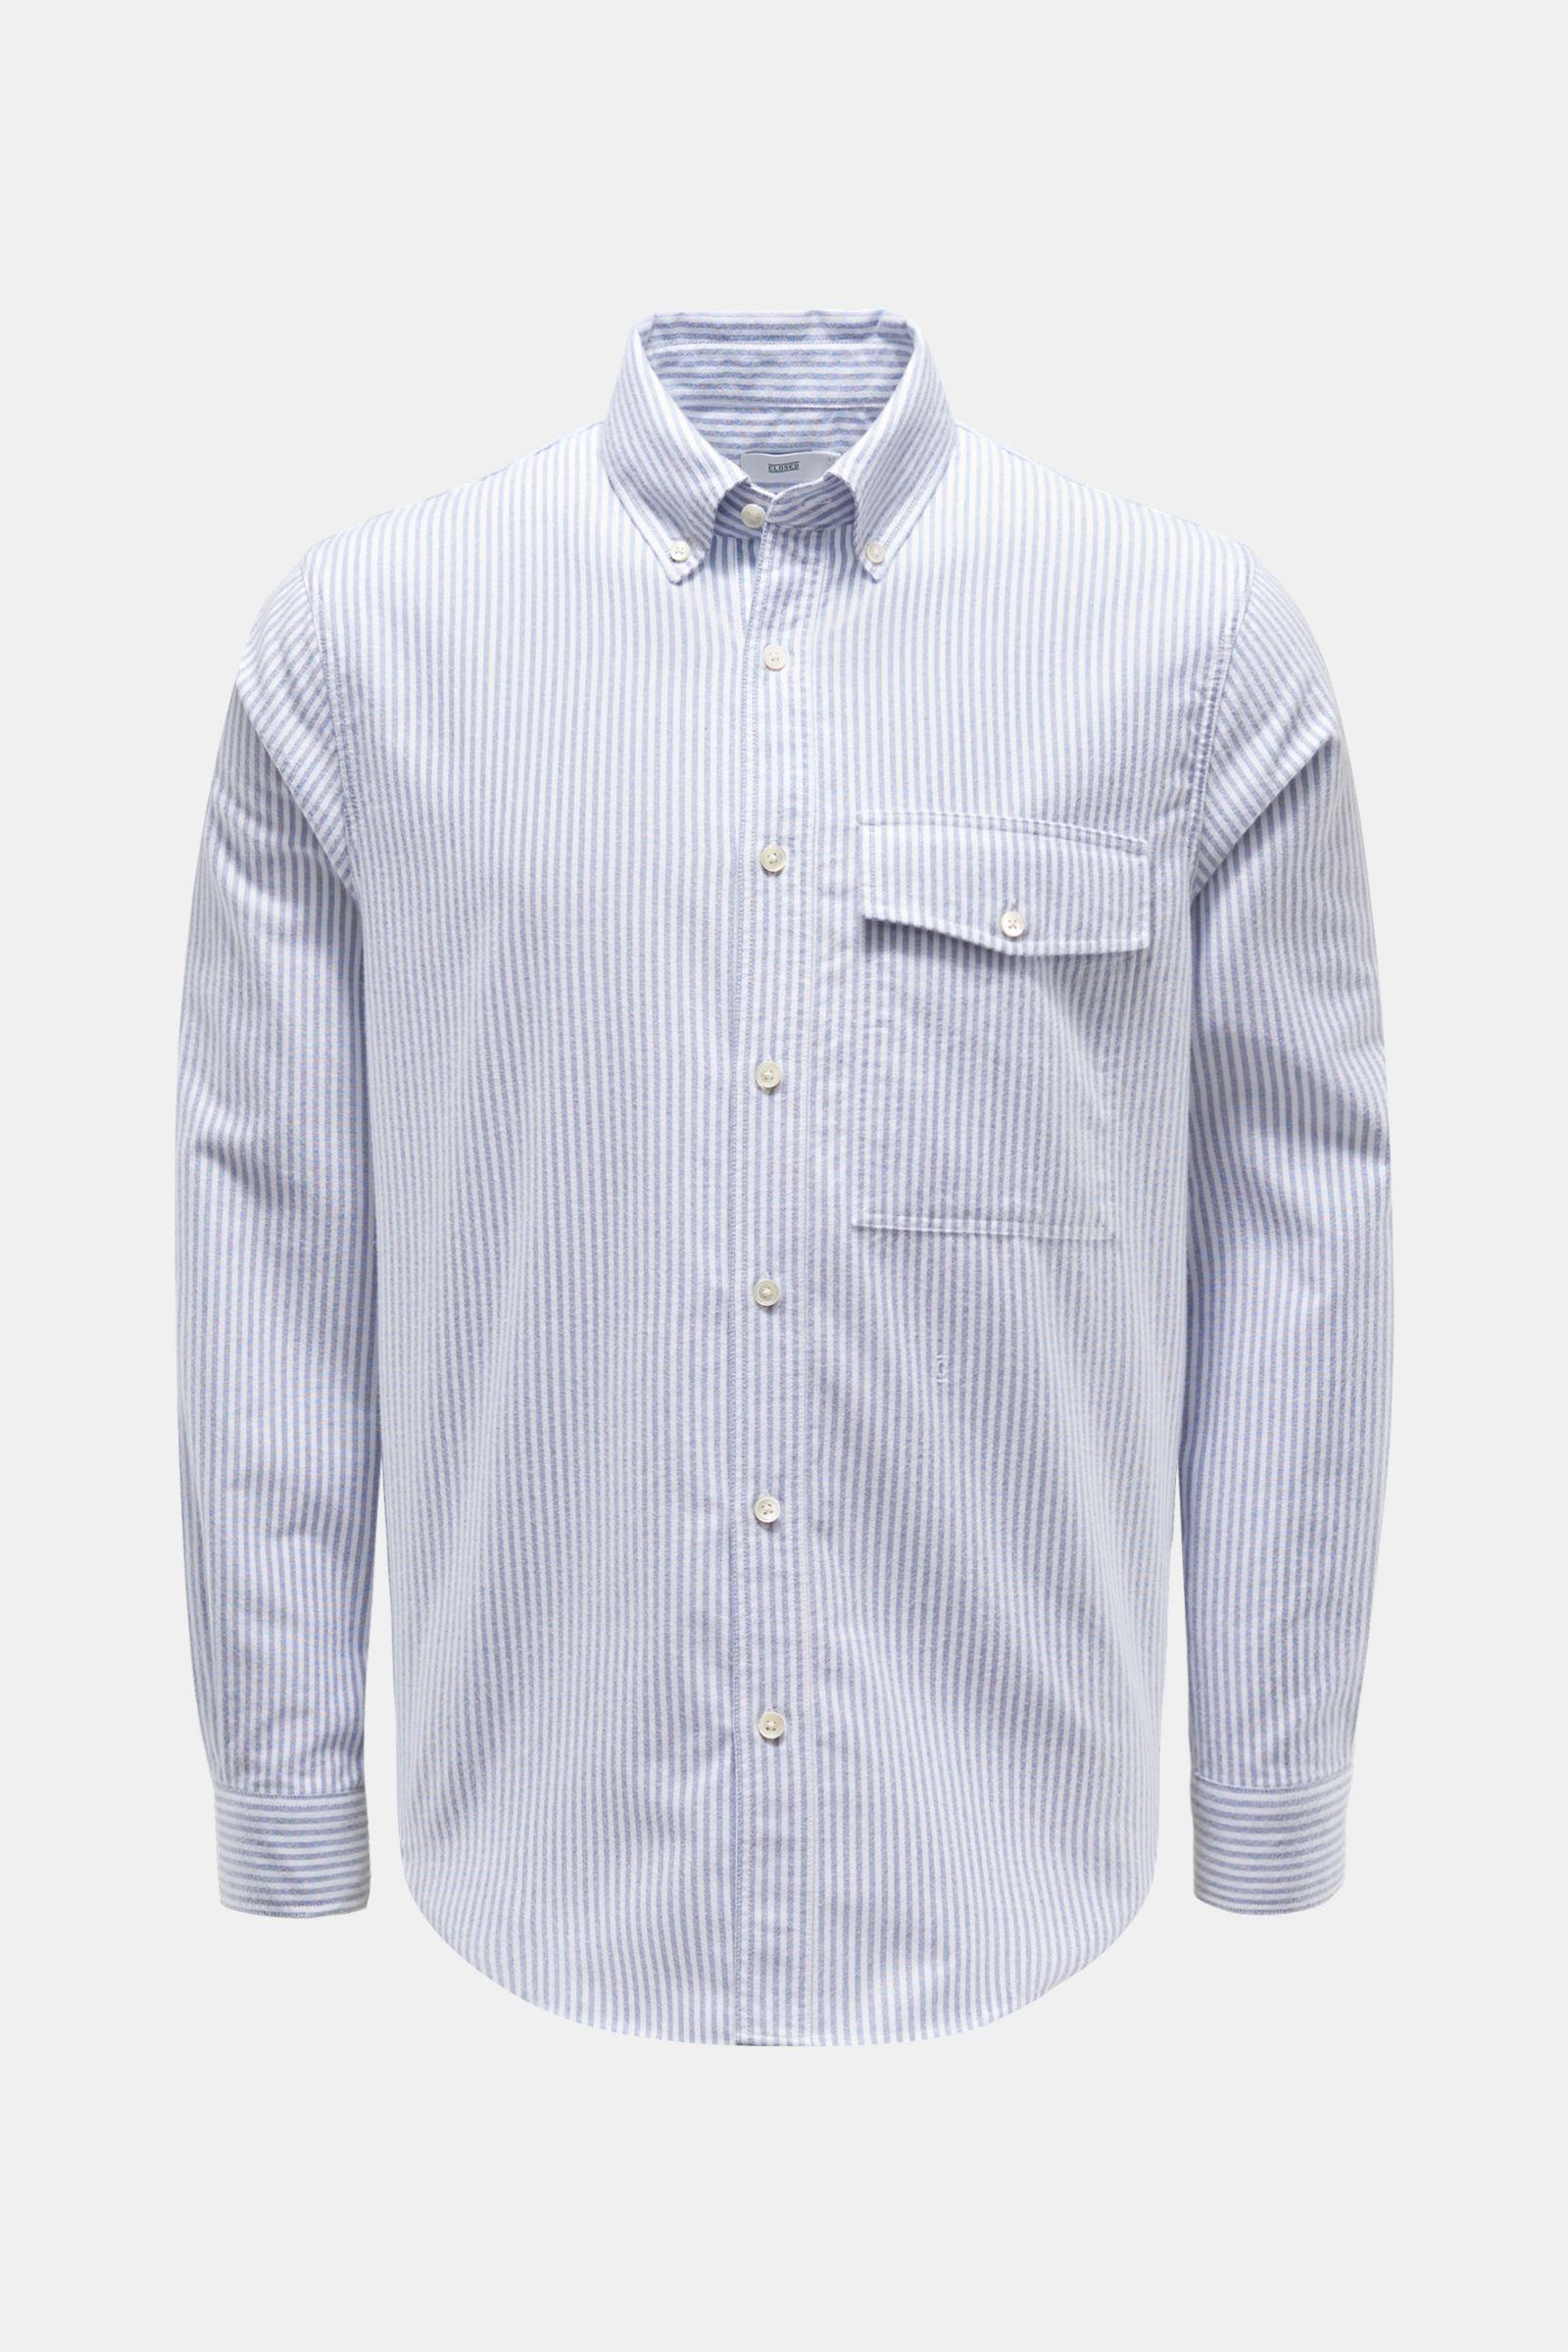 Flanellhemd Button-Down-Kragen grau/weiß gestreift